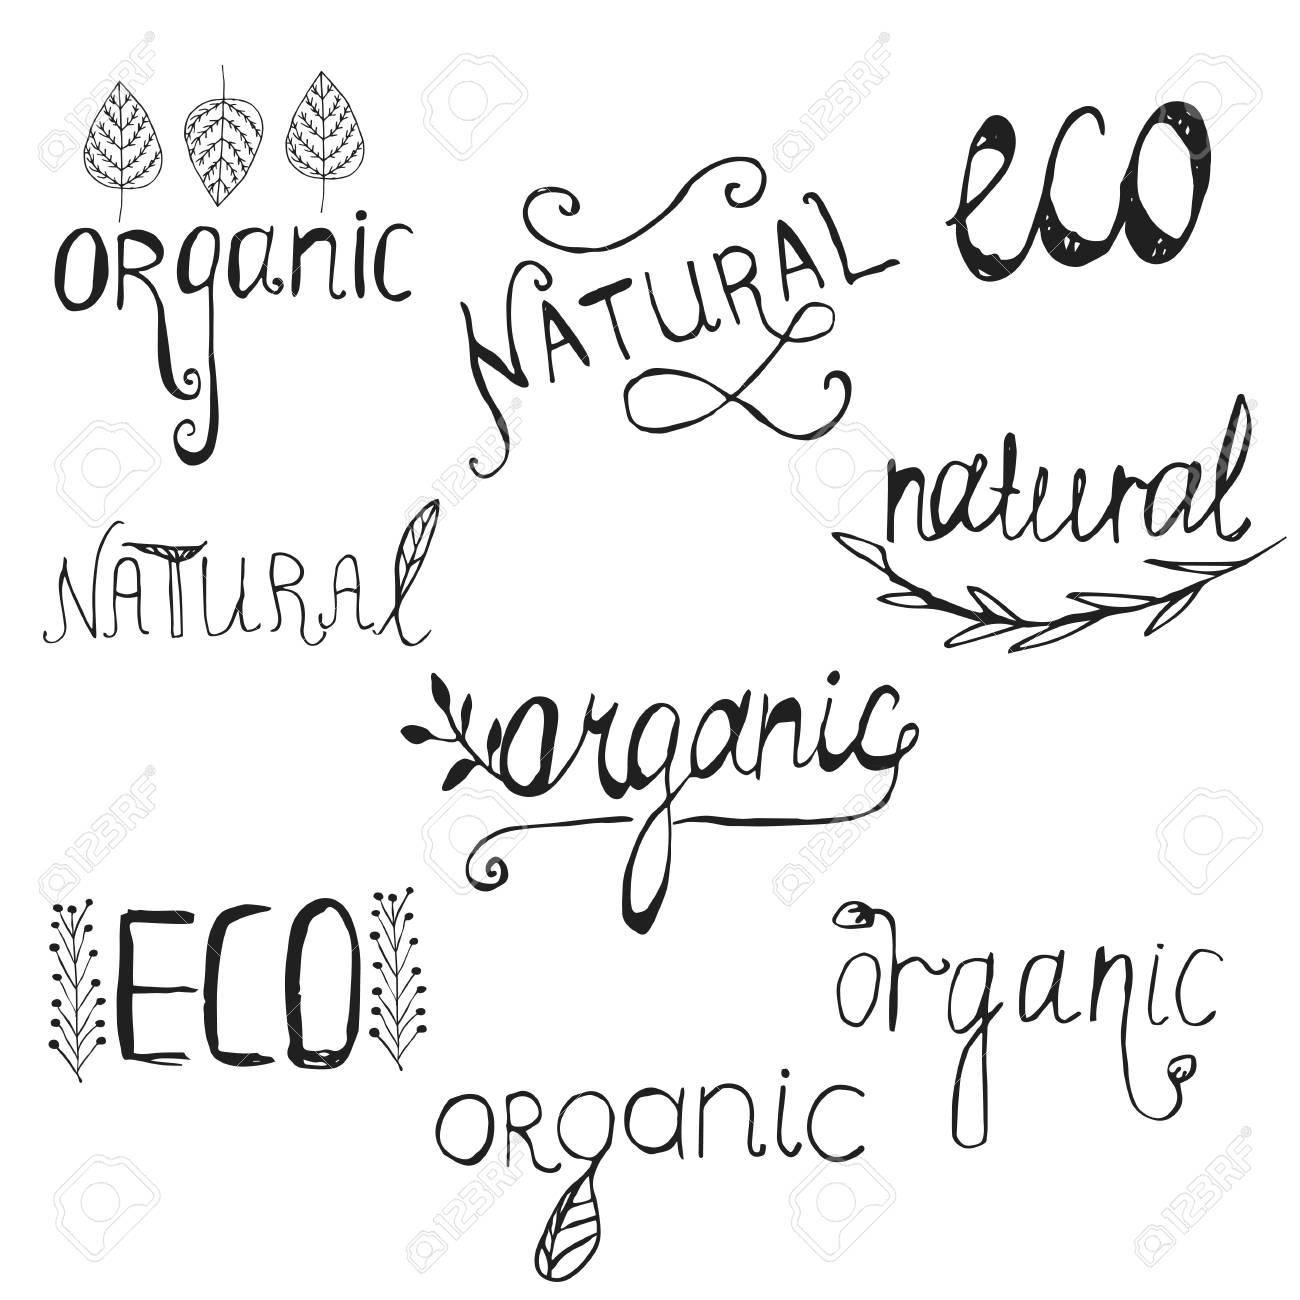 Elementos De Diseno De Letras Plantillas De Diseno Natural Organico